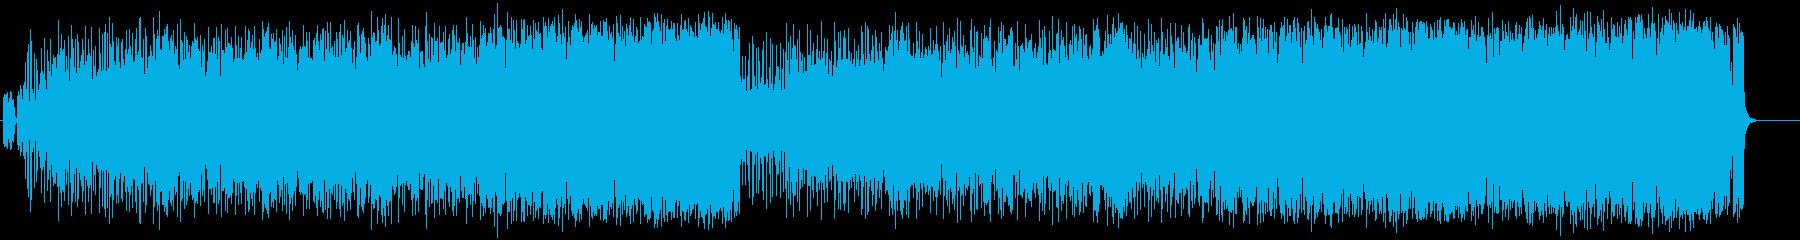 明るいオープニングポップ(フルサイズ)の再生済みの波形